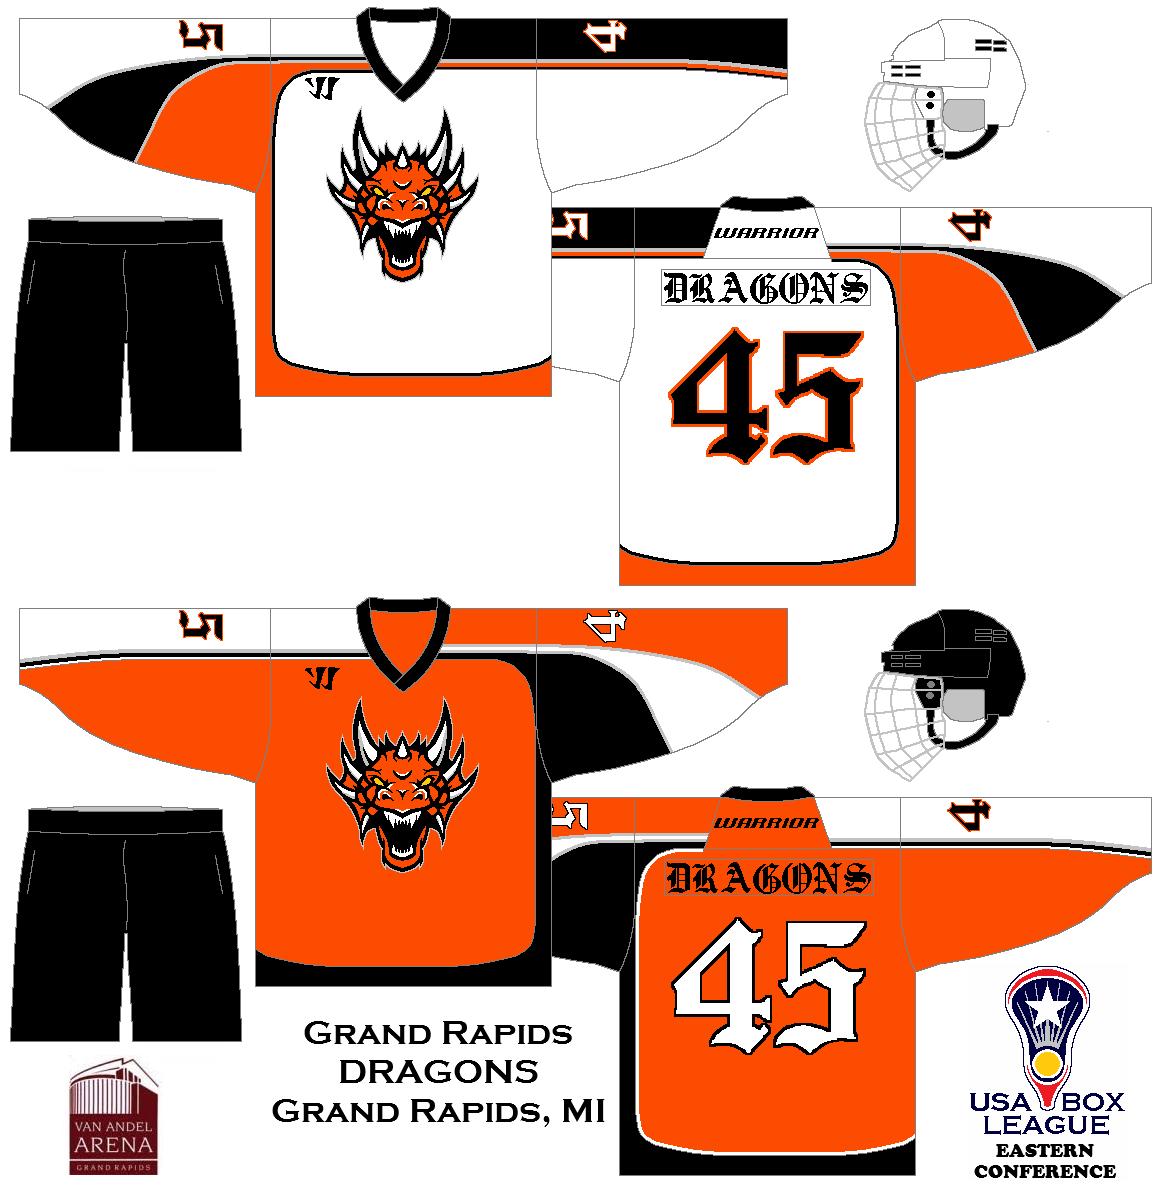 My Fictional Box Lacrosse League The Us Box Lacrosse League Grand Rapids Dragons Uniform Set Concept Box Lacrosse Grand Rapids Lacrosse